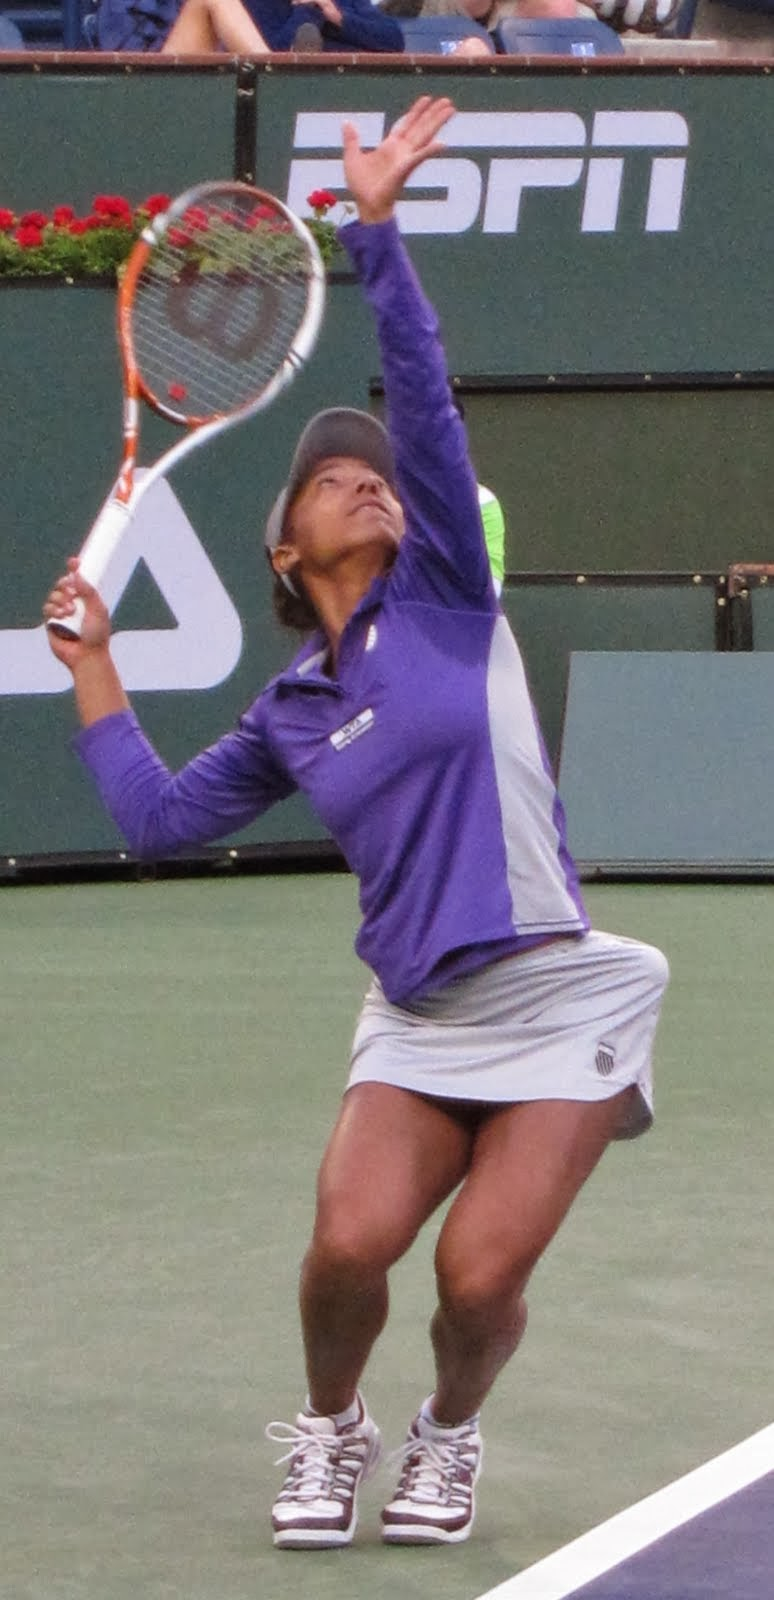 Rankings mover of the week: Raquel Kops-Jones (down)